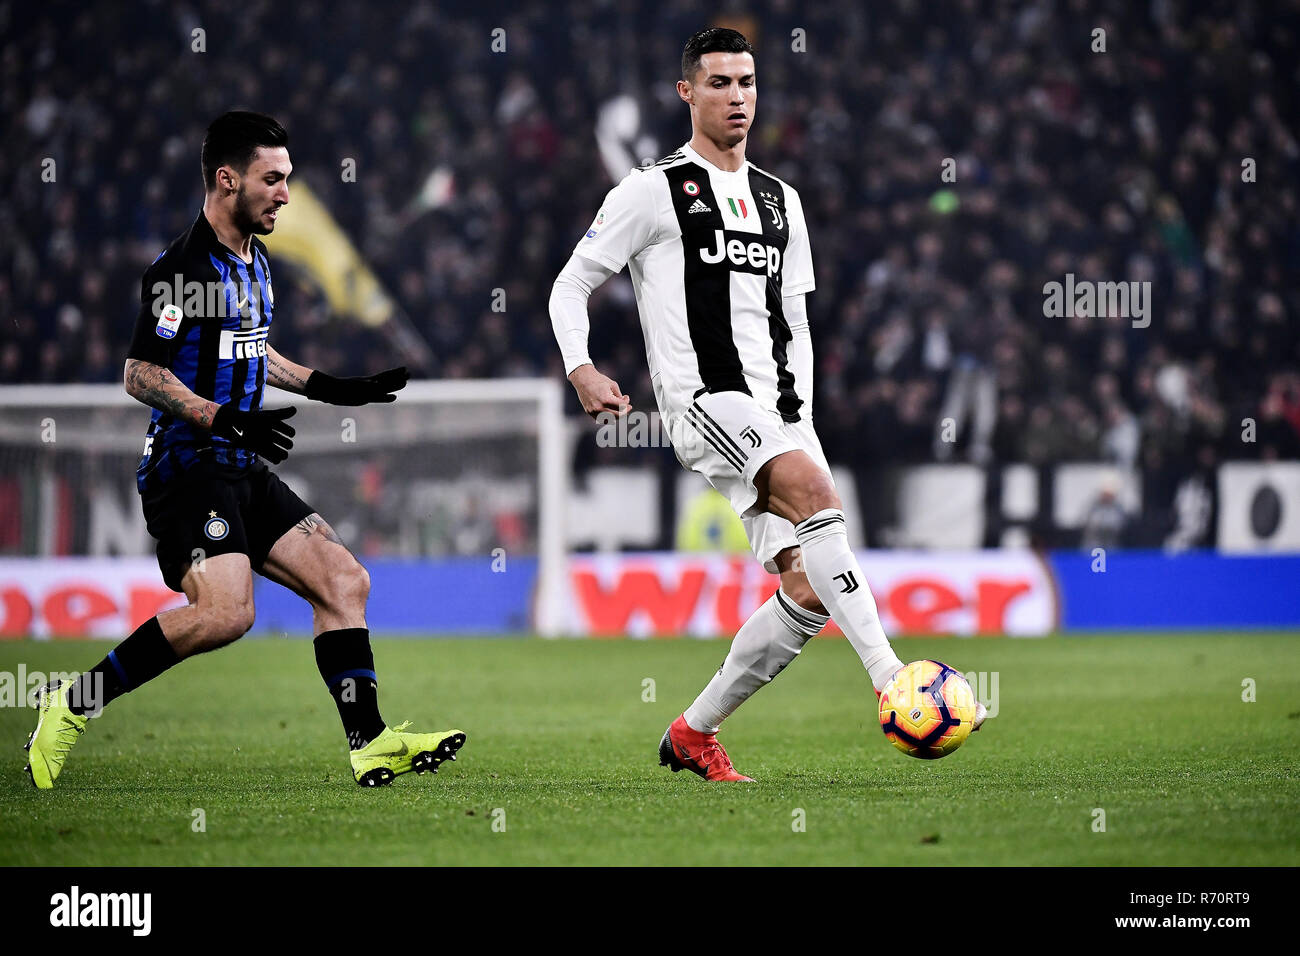 Turin Italy 7th December 2018 Juventus Vs Inter